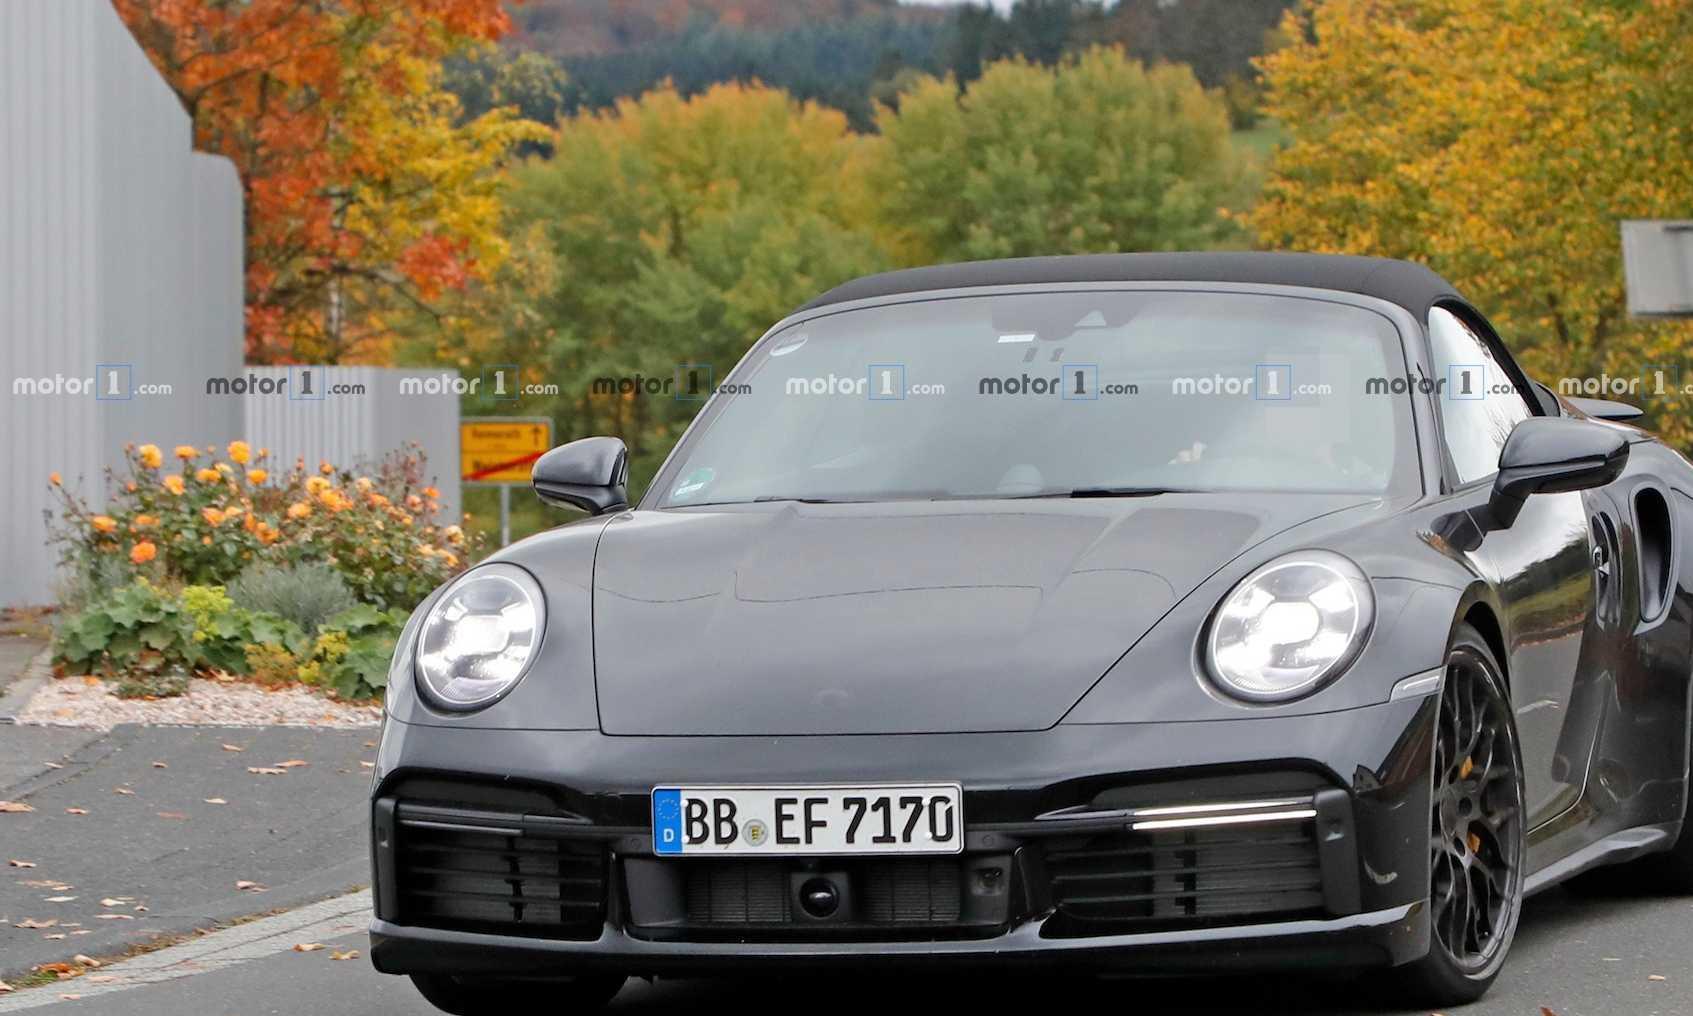 新款保时捷911 Turbo敞篷无伪谍照 拥有600匹马力